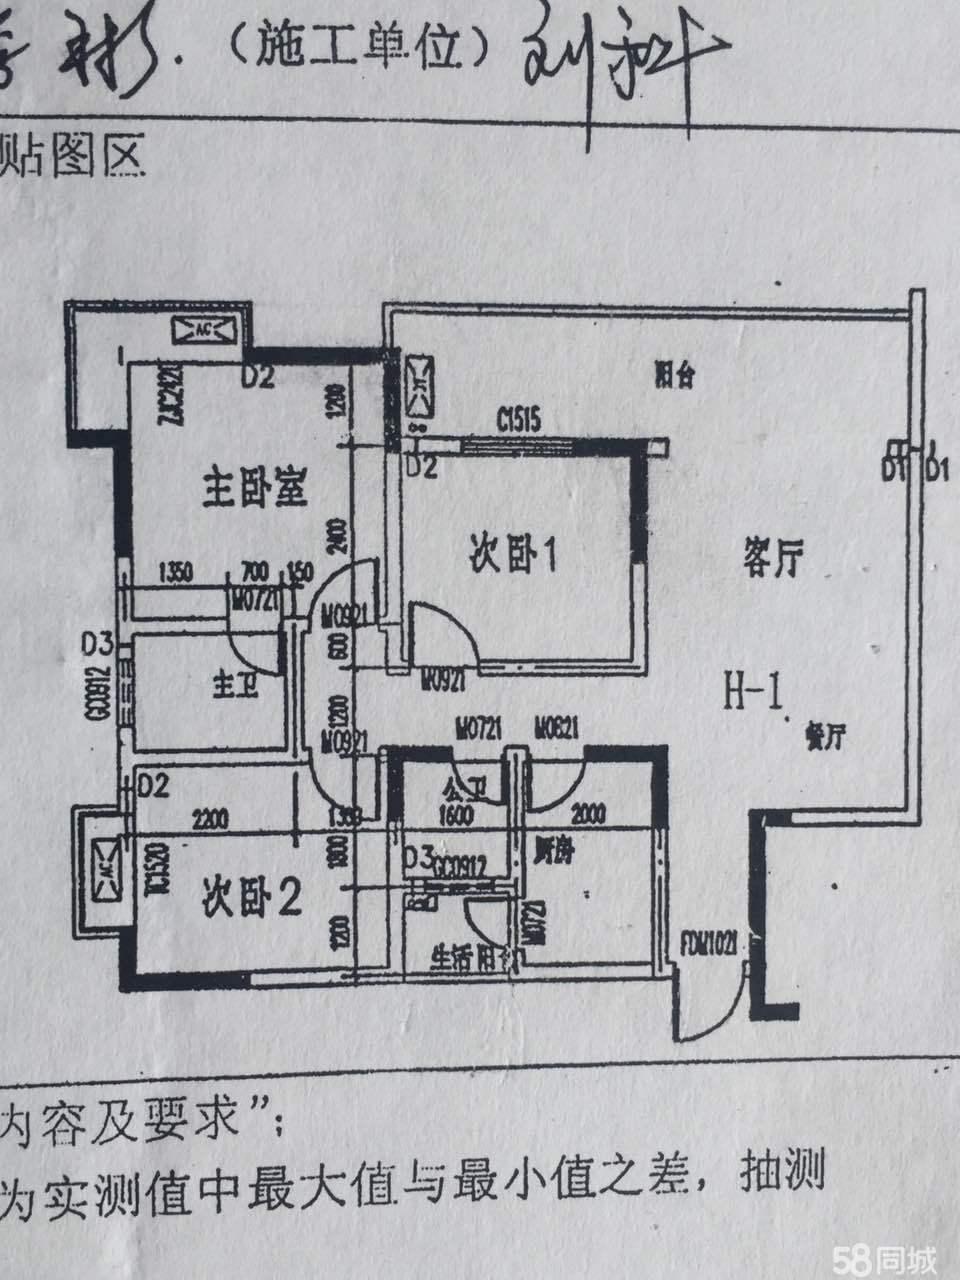 泸县二中,二外,爱迪幼儿园,实验小学旁康桥丽�Z3室2厅